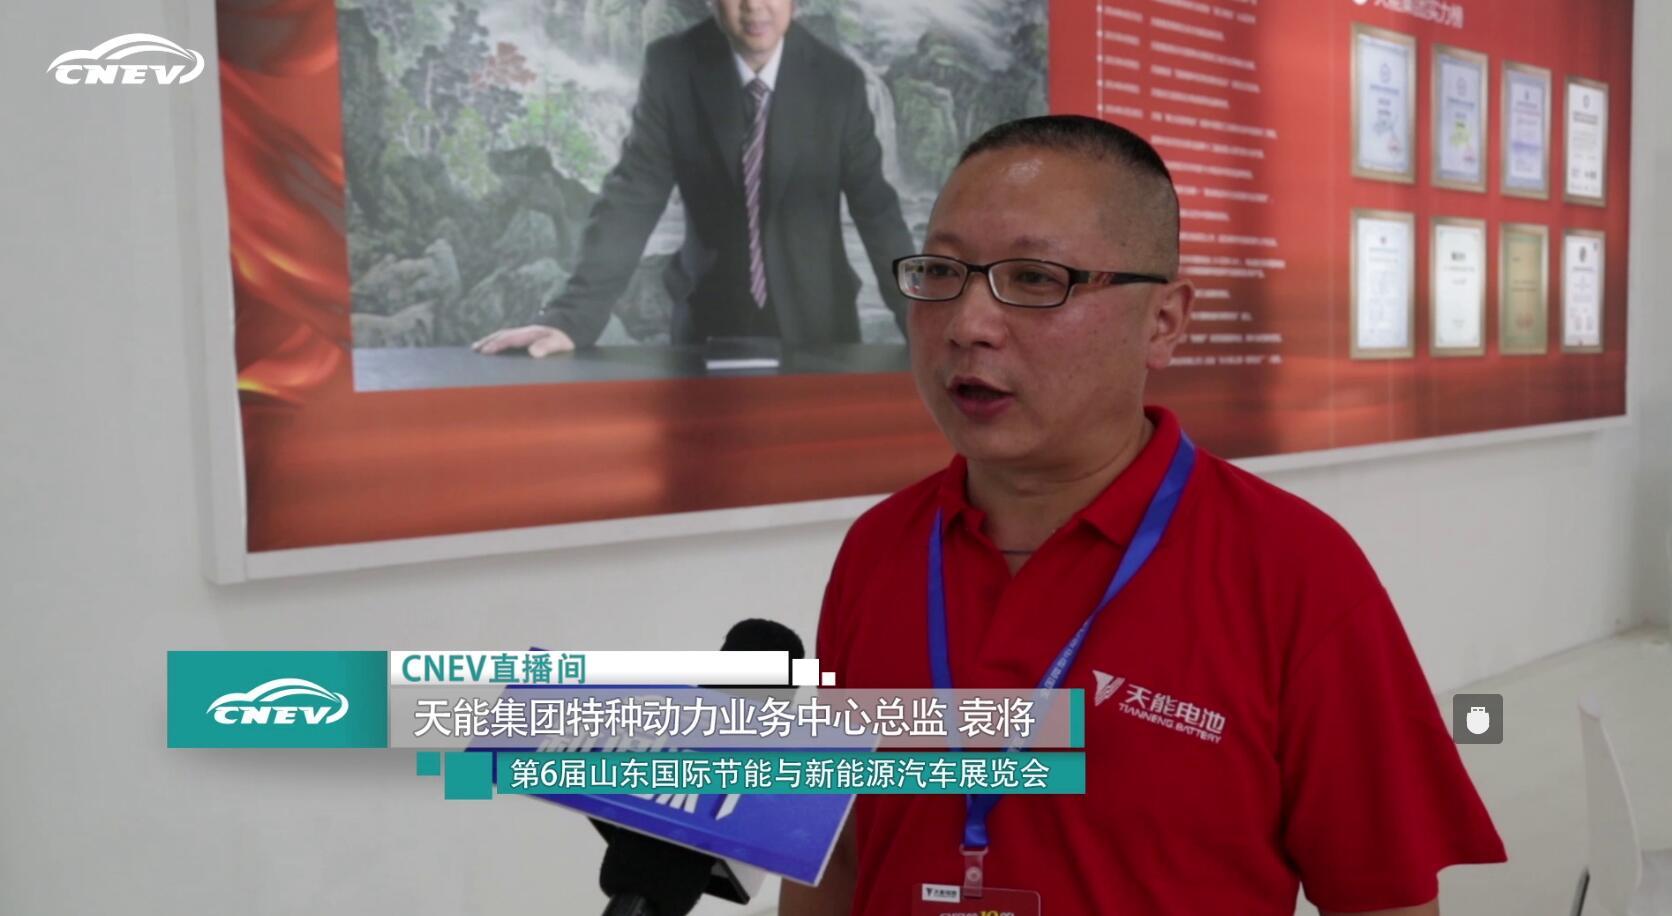 【直击济南展】CNEV专访天能集团袁将